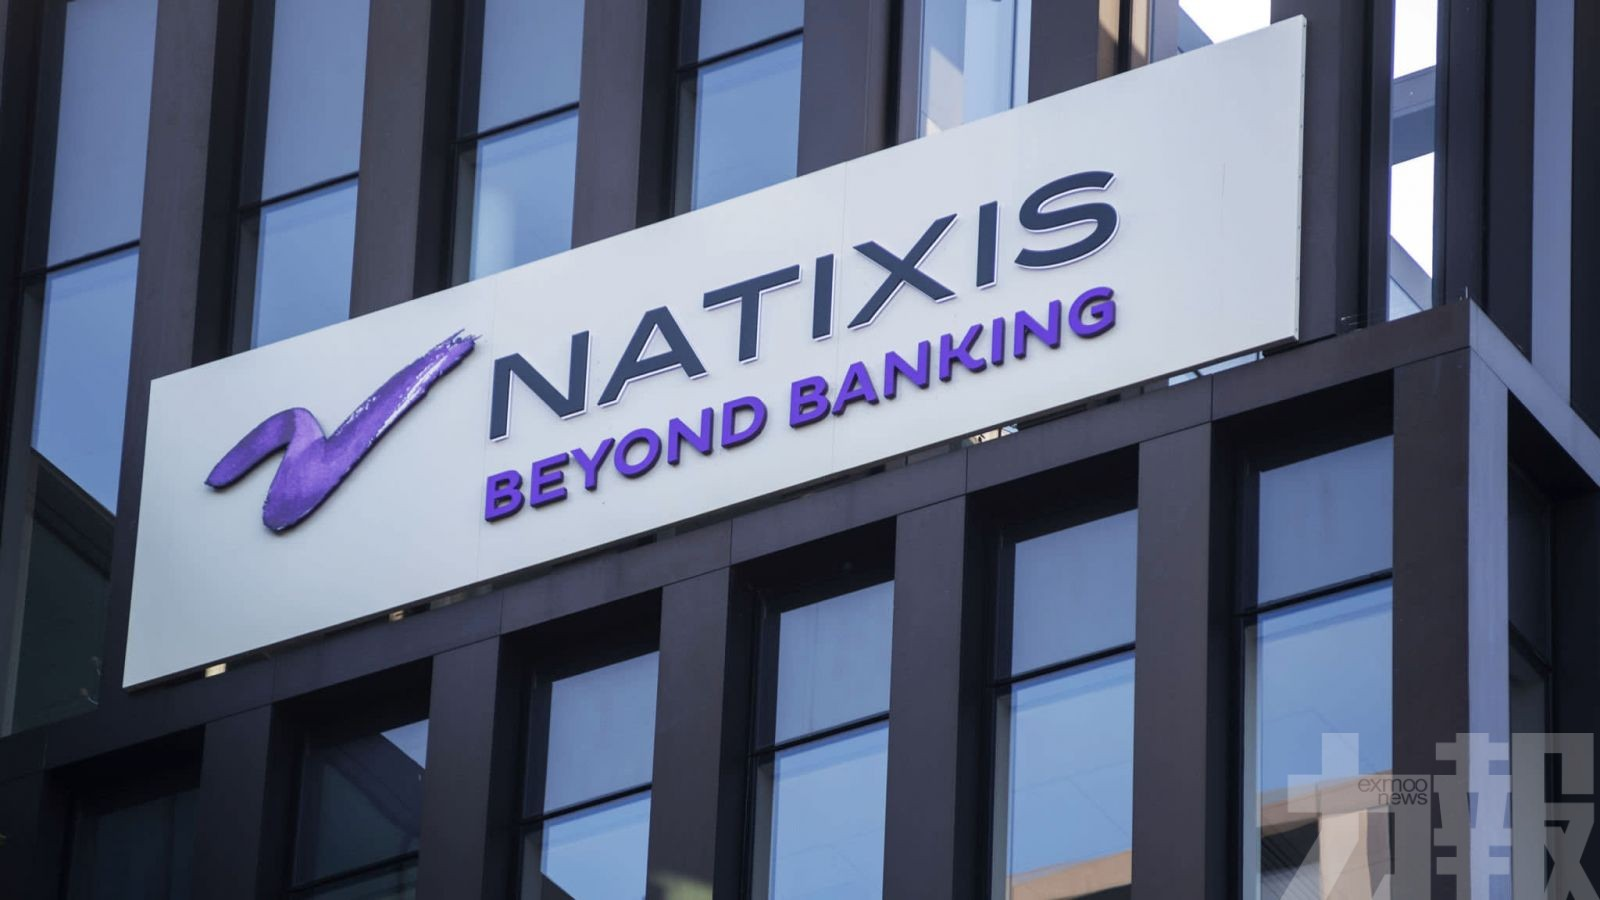 法國外貿銀行:金融地位仍難取代